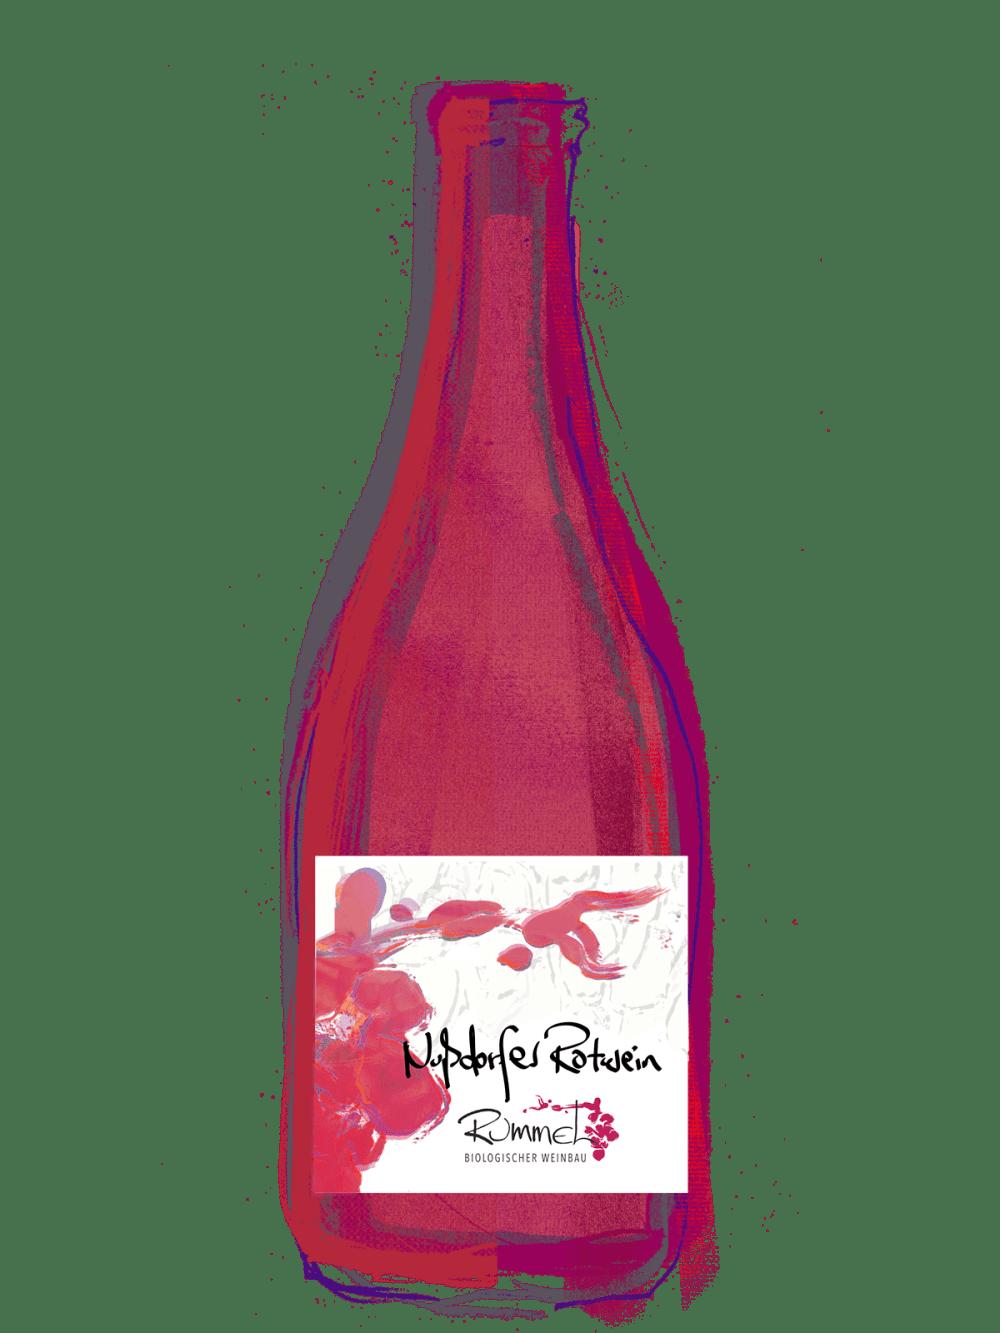 Nußdorfer Rotwein